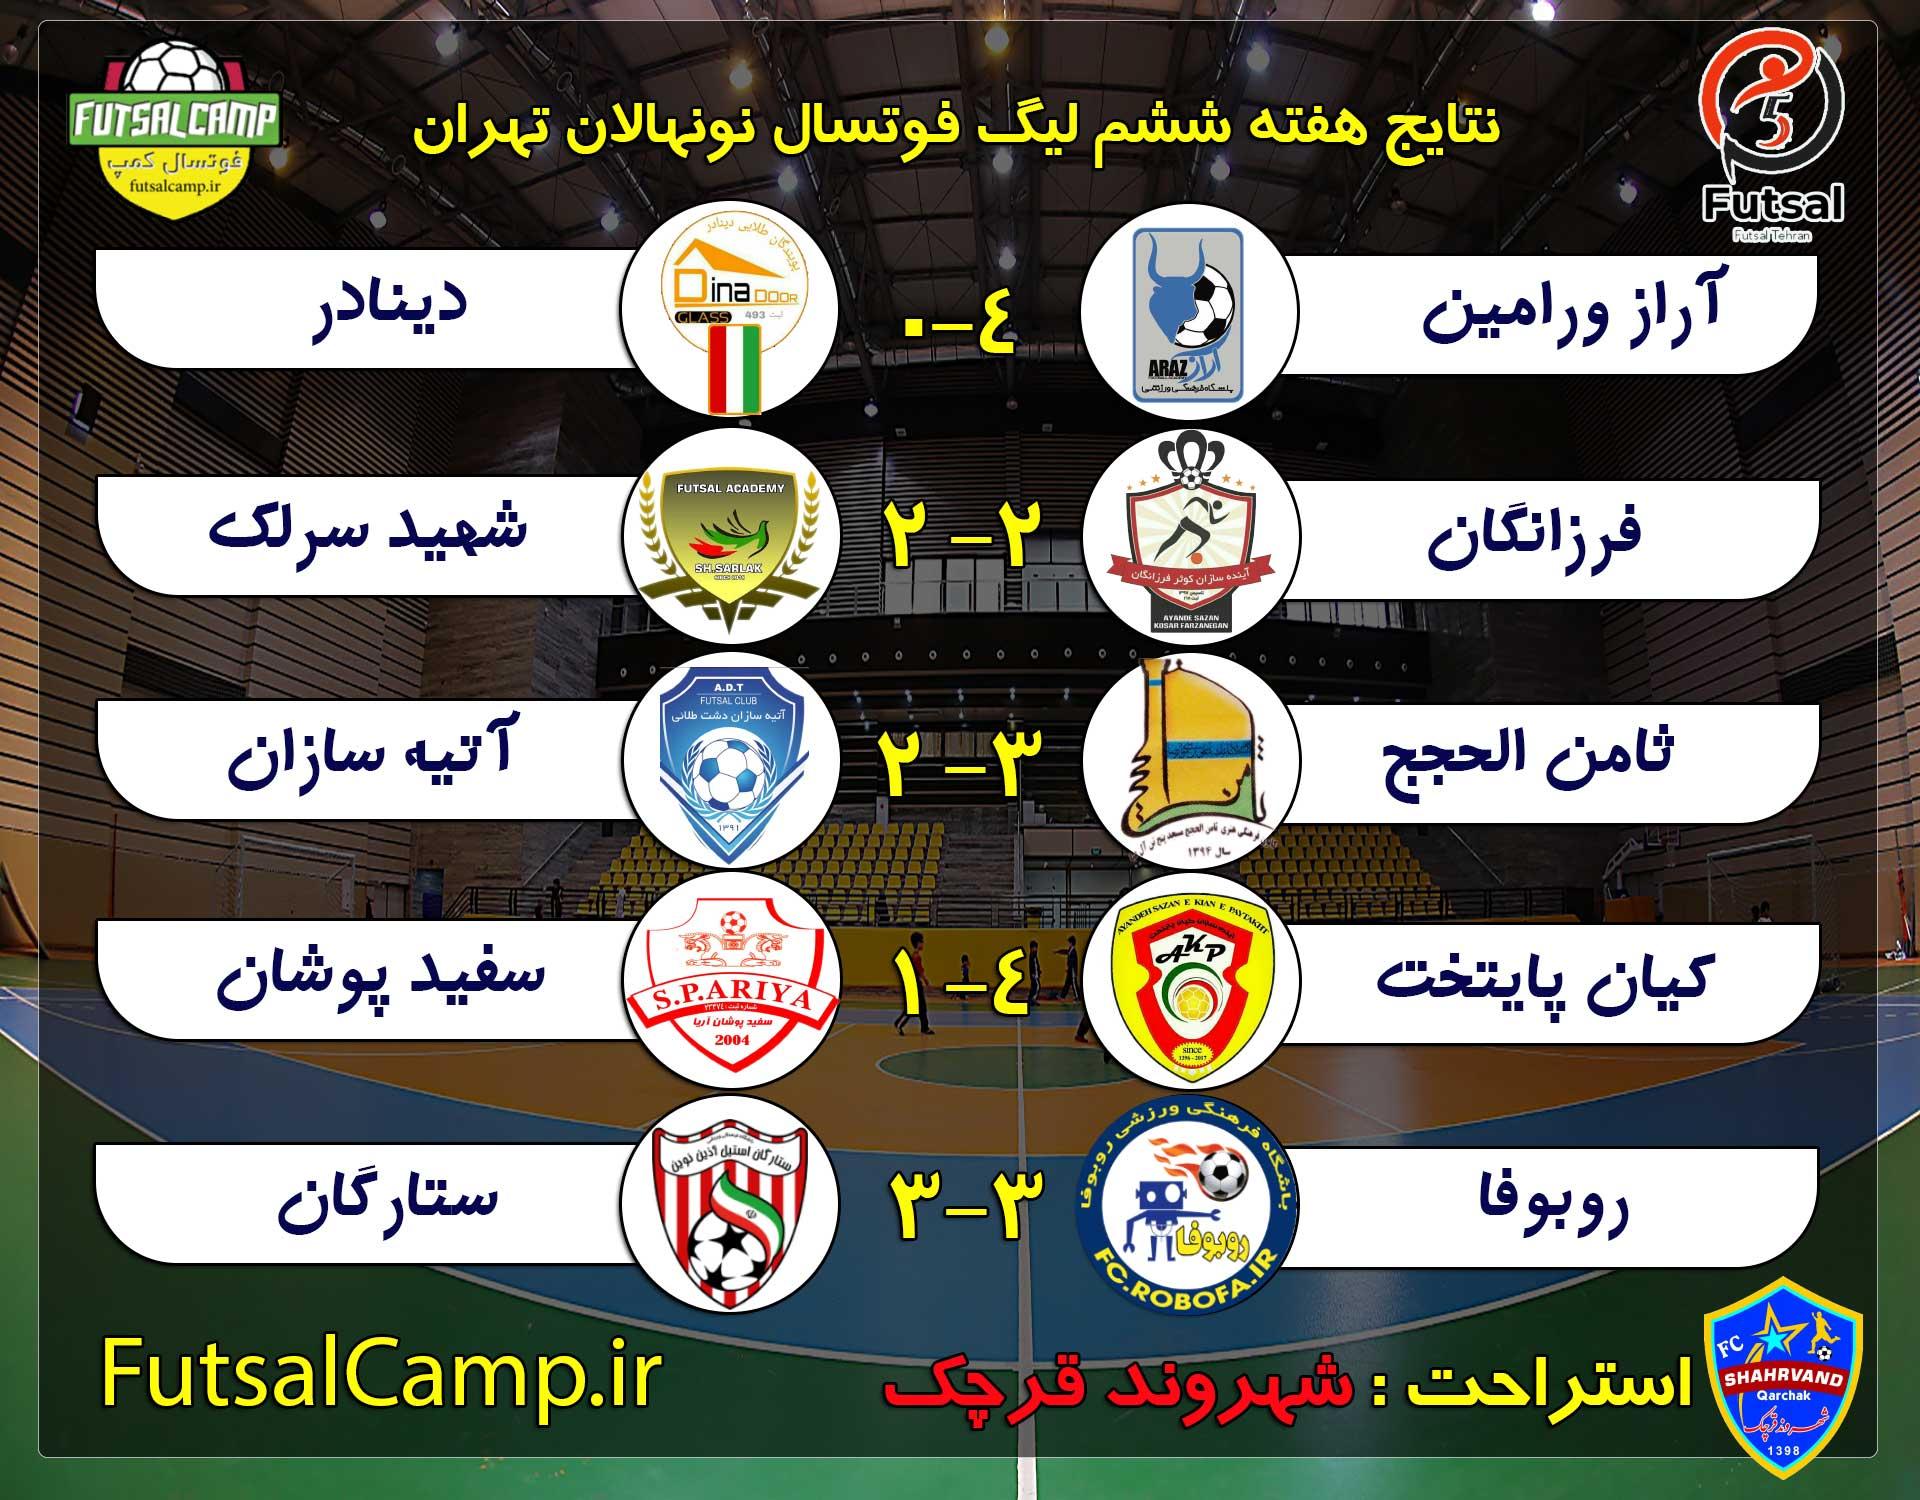 نتایج بازی ها ه-ششم ل-ف-نونهالان-تهران